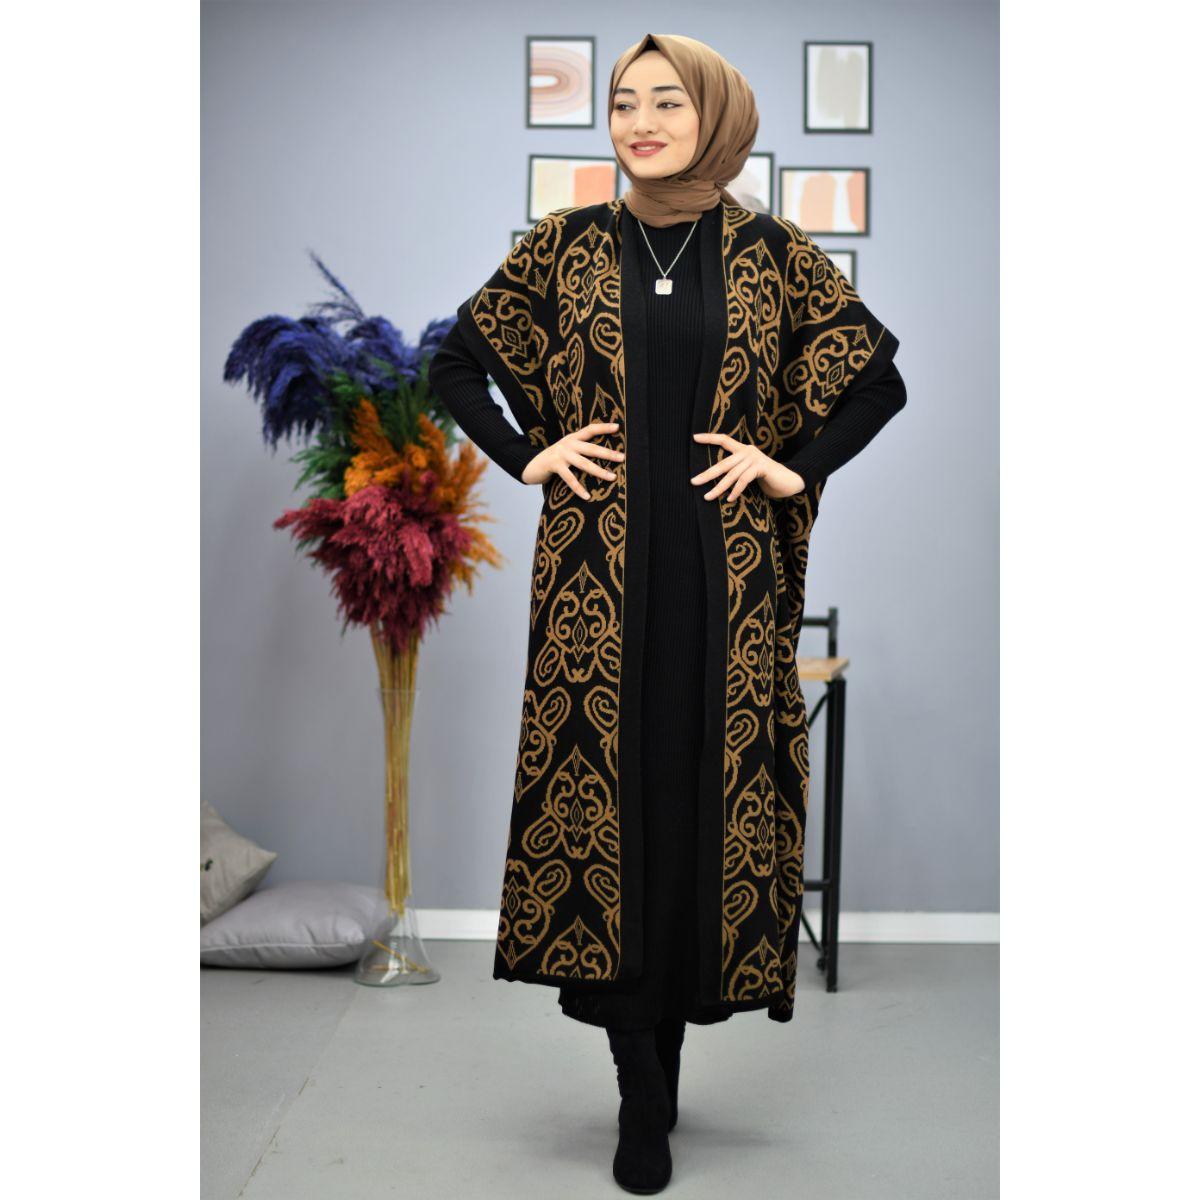 2 قطعة Musulman النساء مجموعات مسلم العباءة تركيا دبي النساء الملابس الحجاب اللباس 2021 جديد أزياء